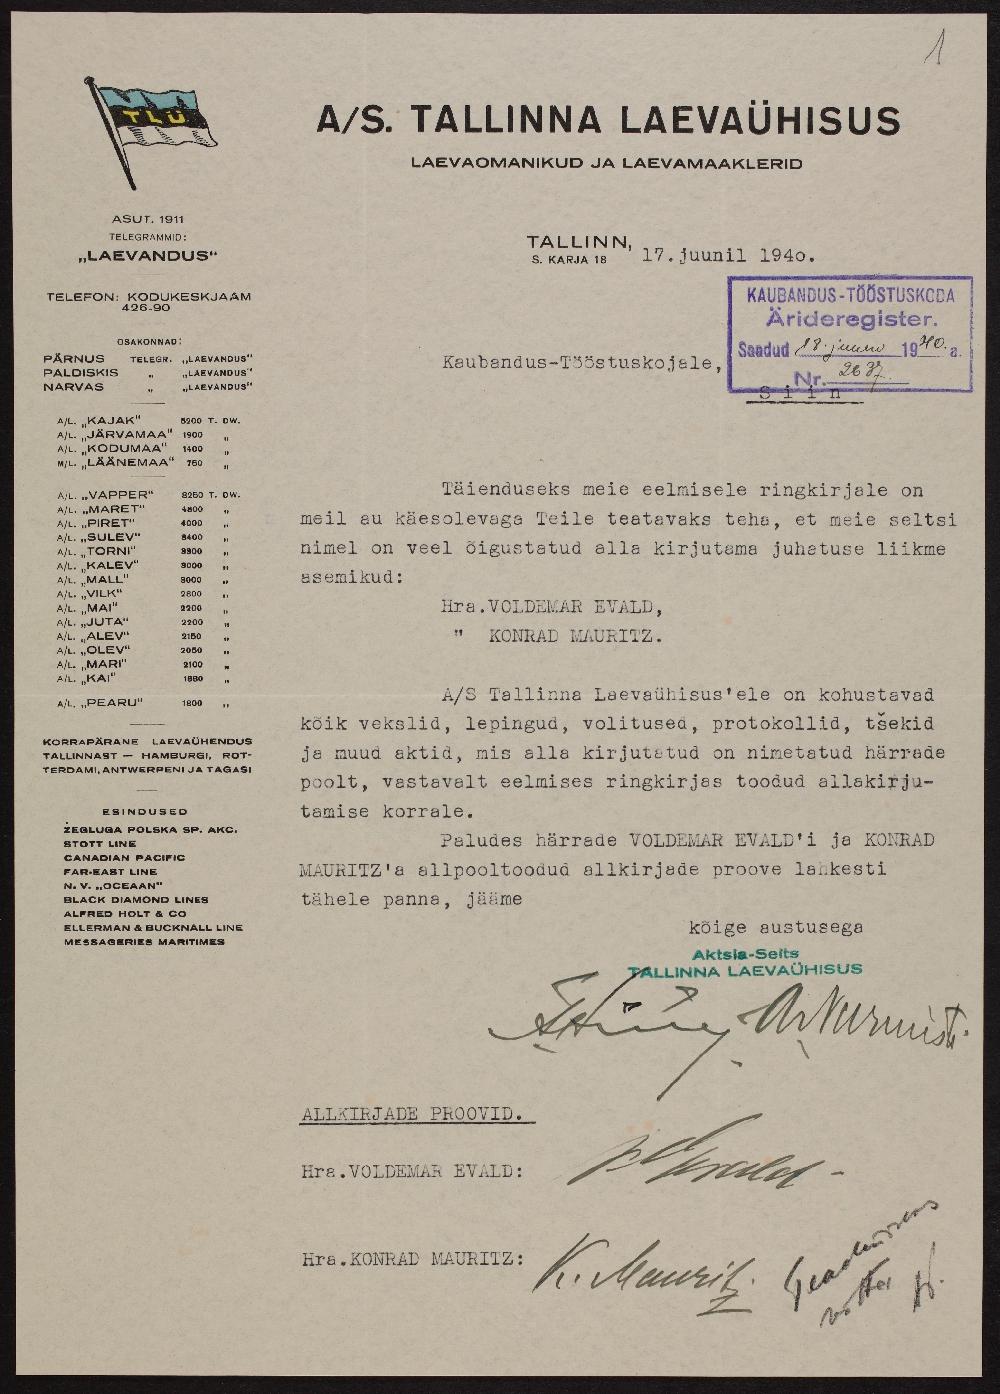 Väljavõte A/S Tallinna Laevaühisuse registreerimistoimikust, 17.06.1940. ERA.891.2.2562